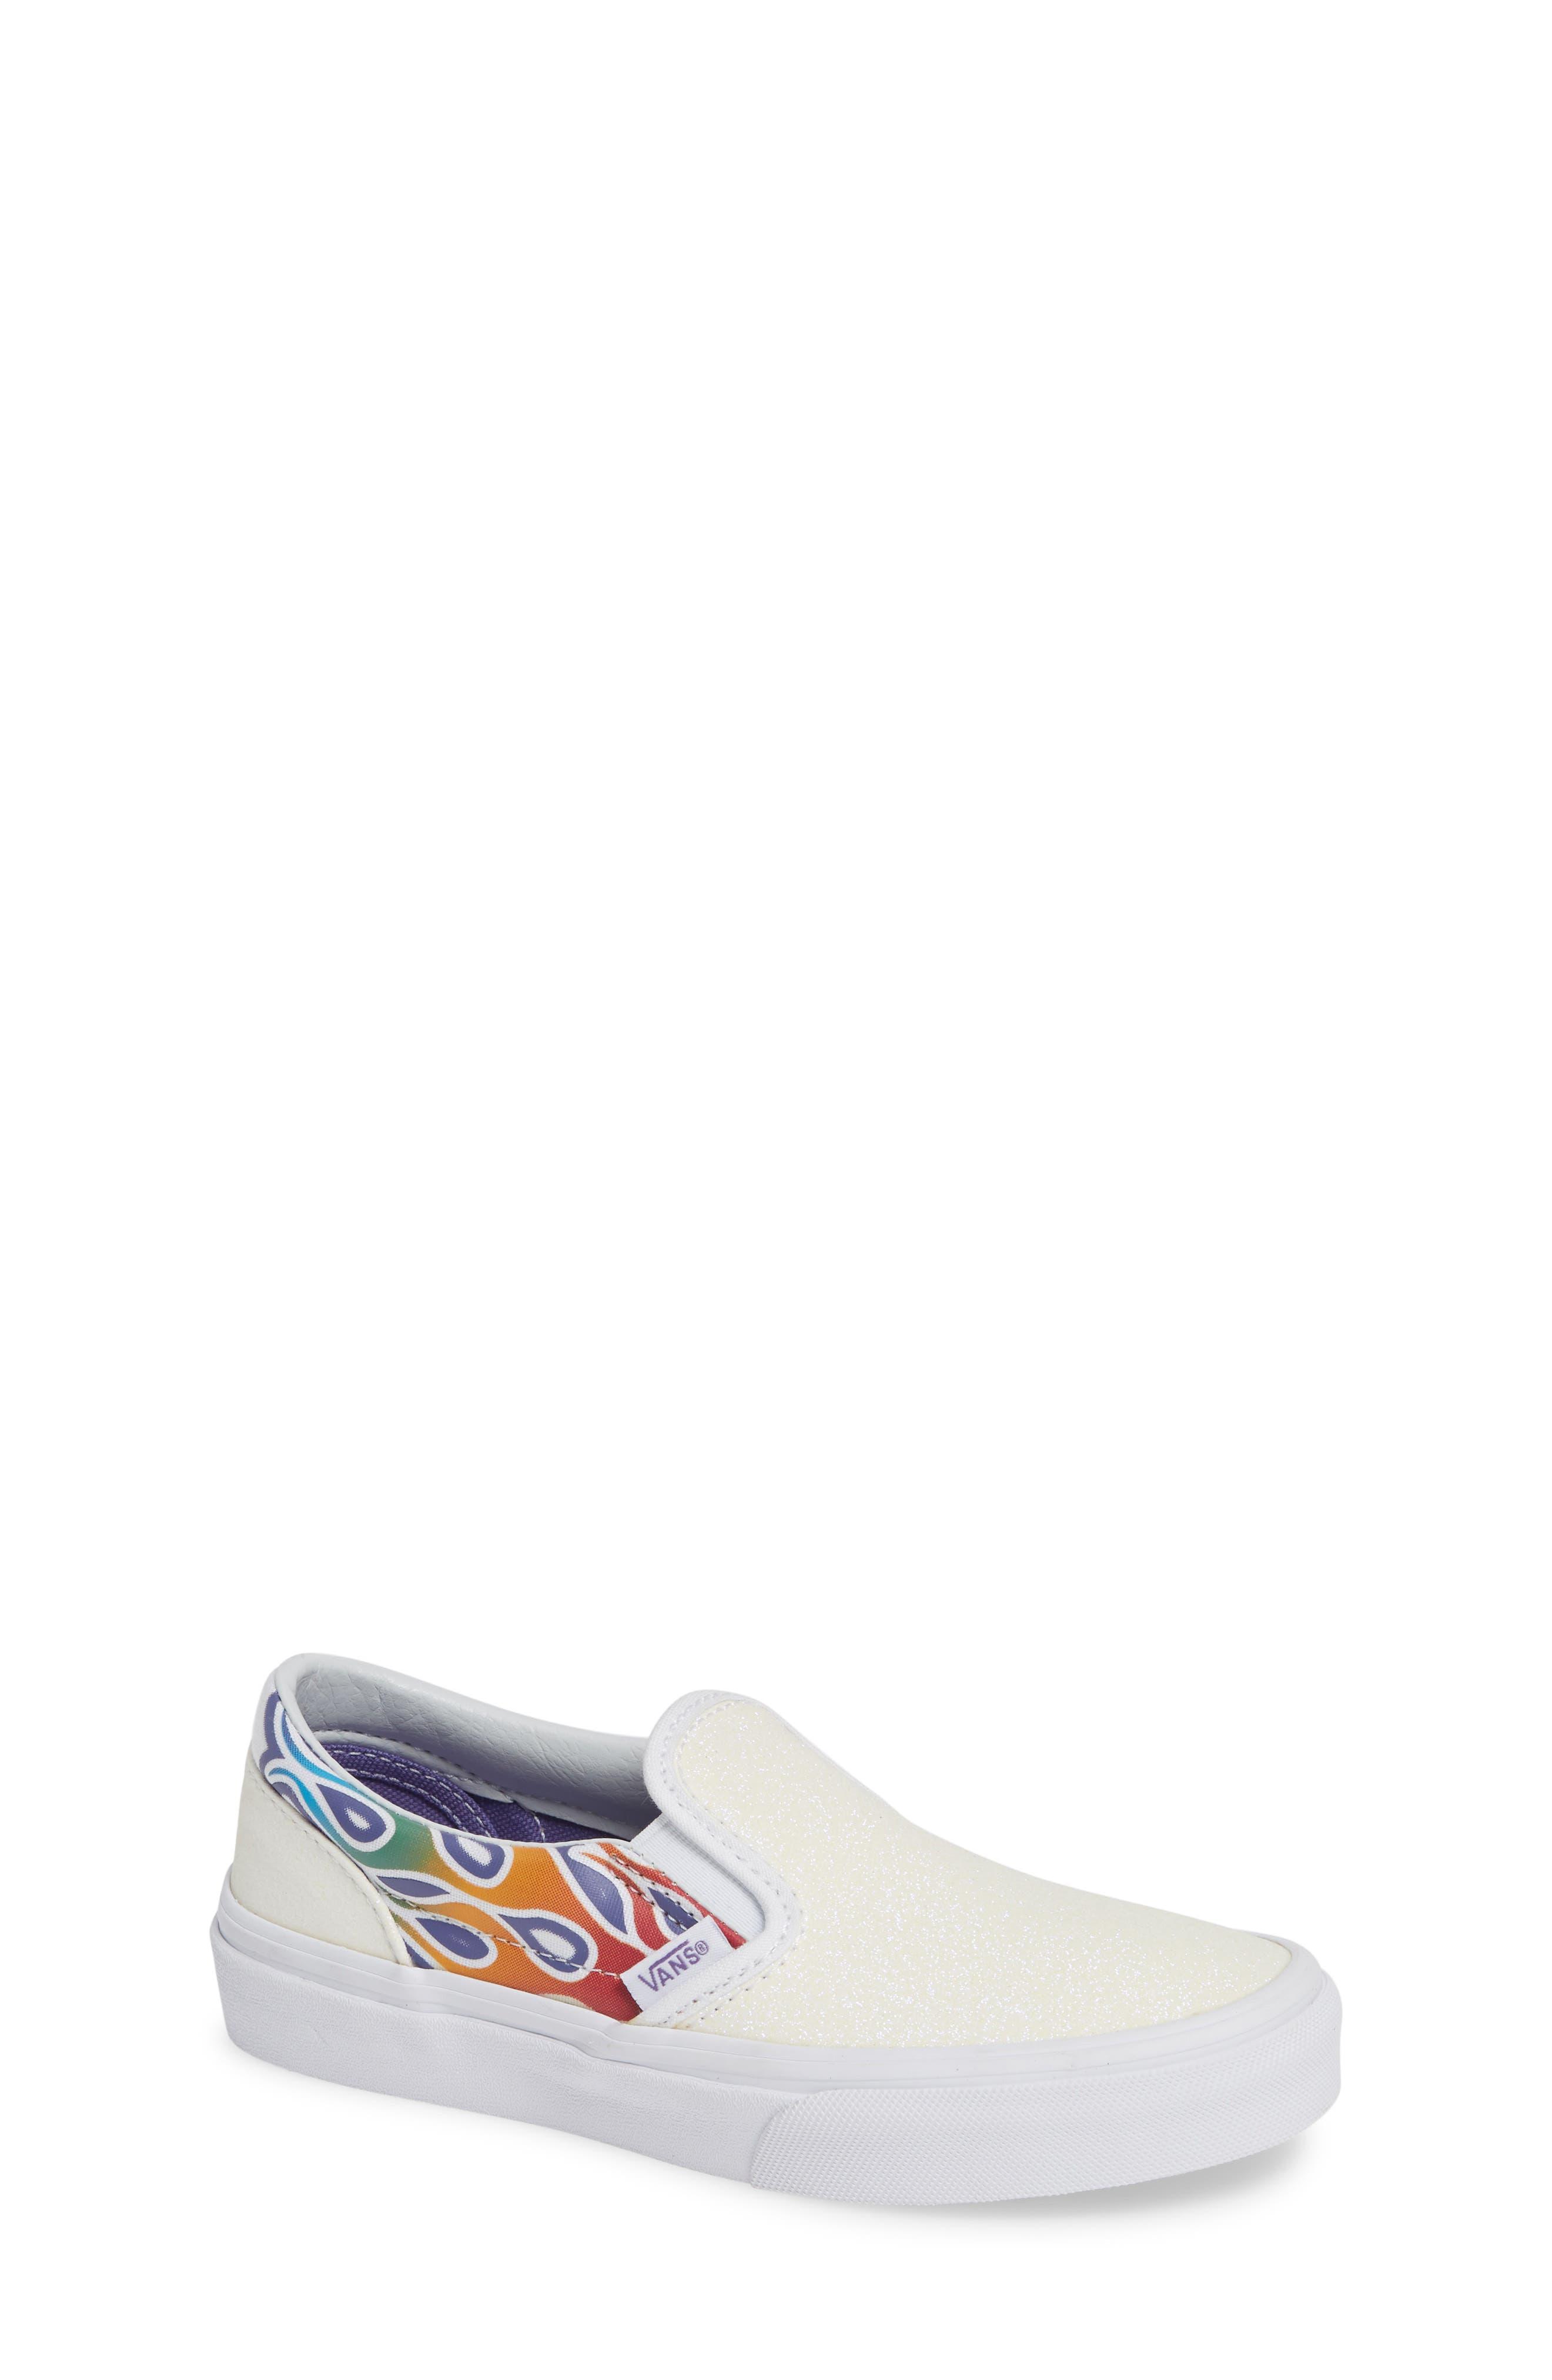 VANS,                             Classic Slip-On Glitter Sneaker,                             Main thumbnail 1, color,                             110